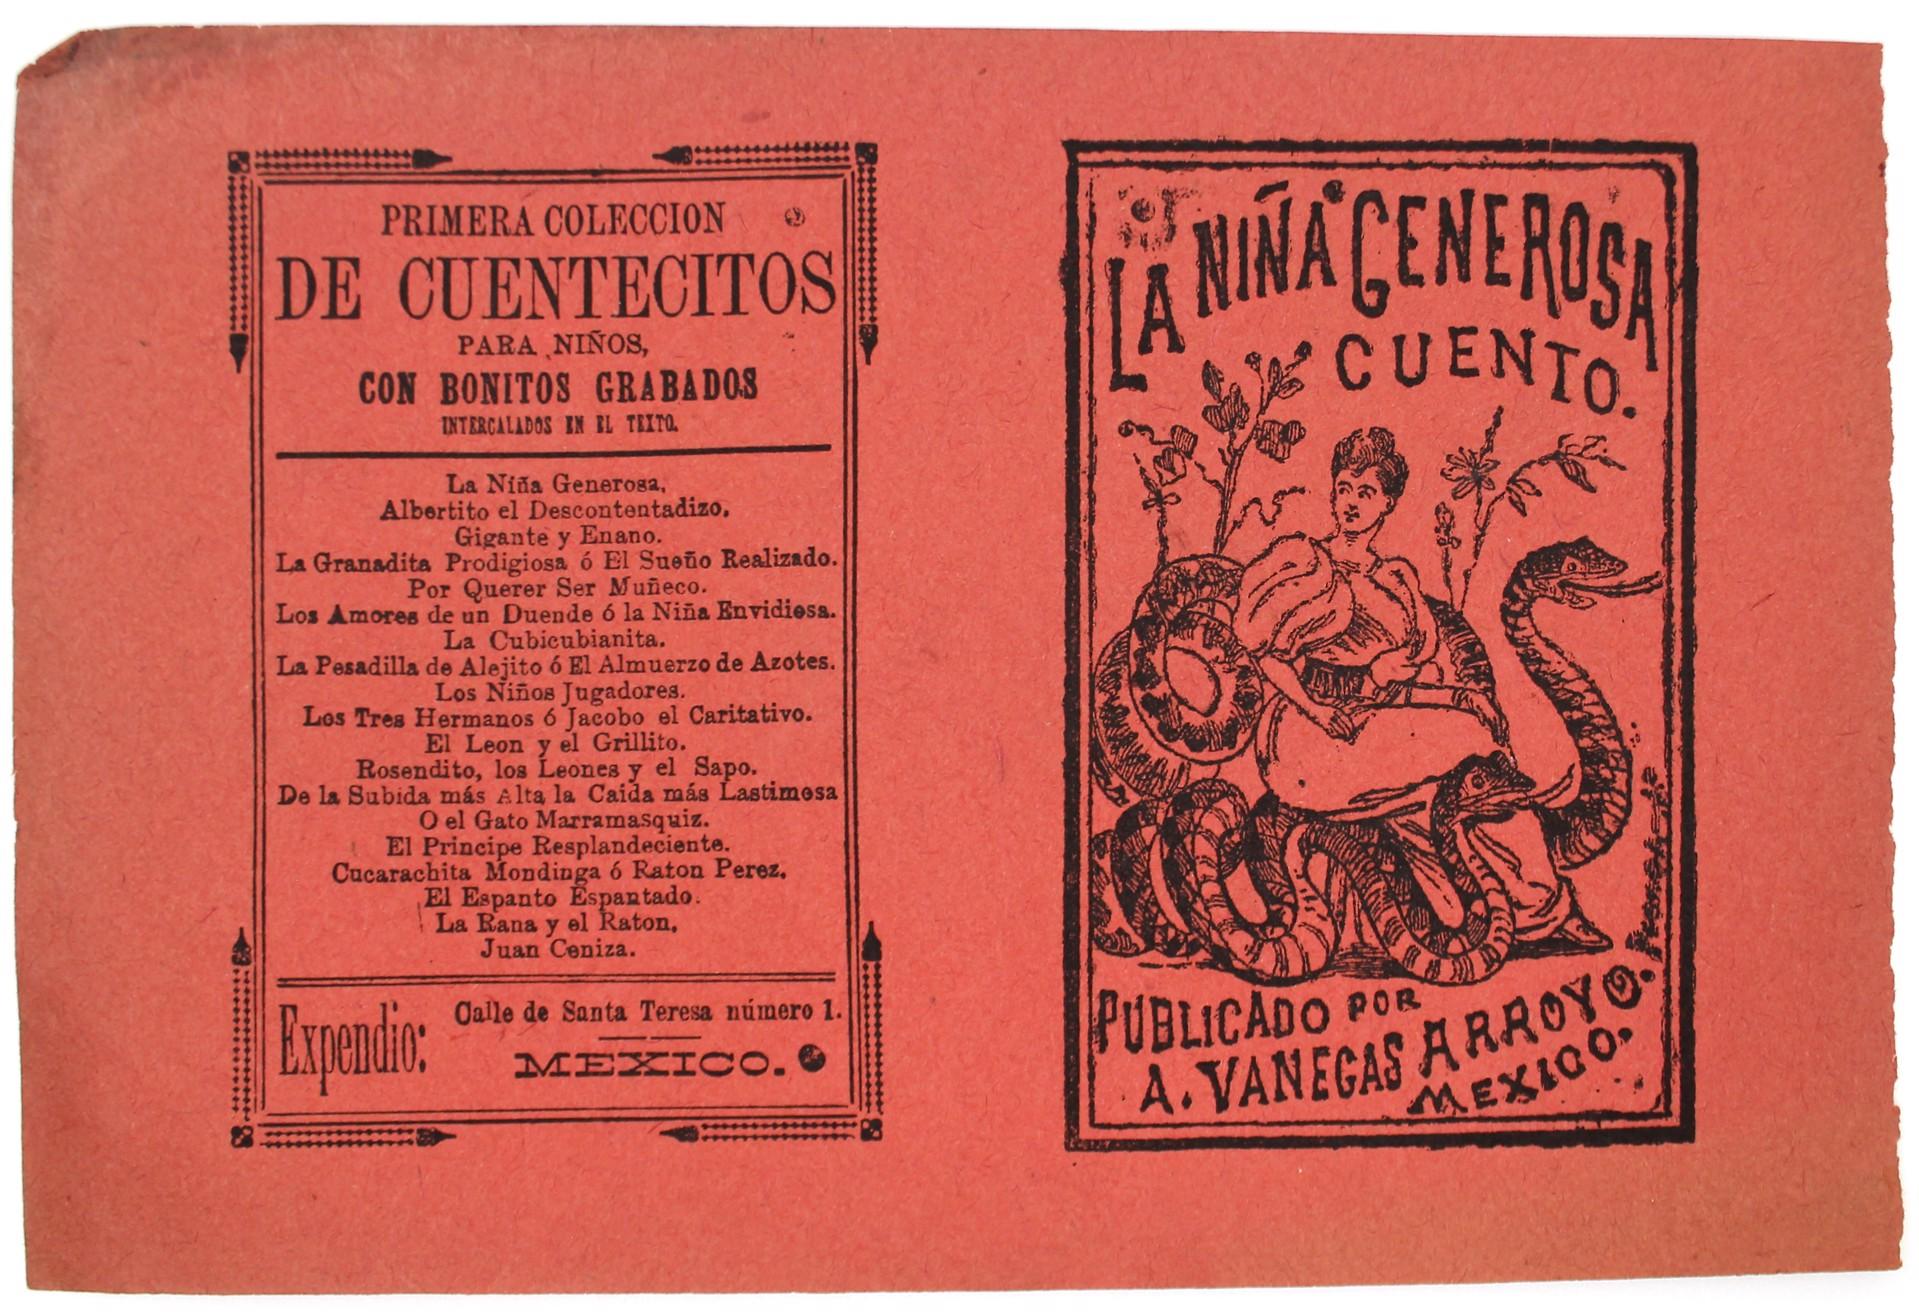 La Nina Generosa by José Guadalupe Posada (1852 - 1913)